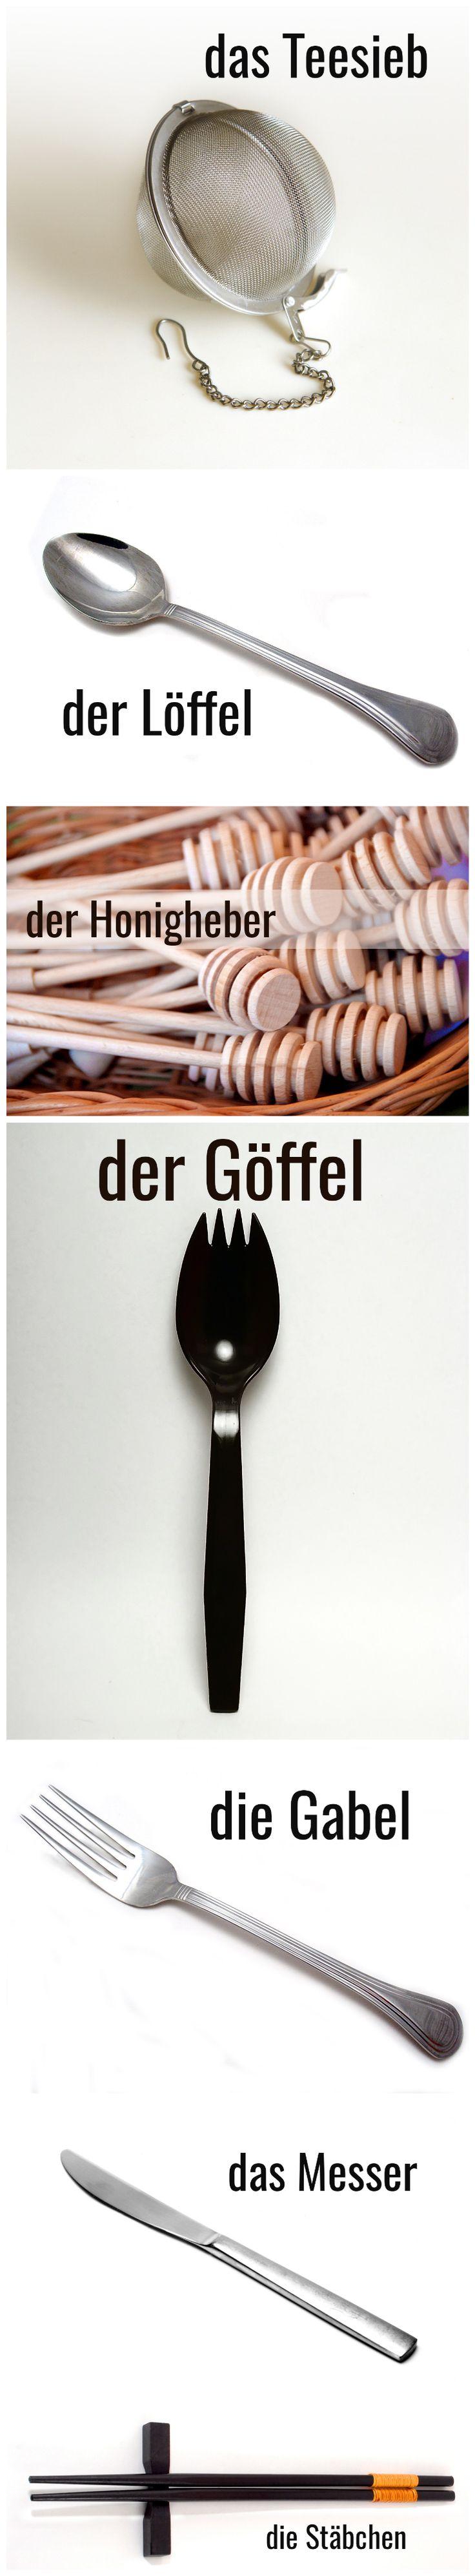 Besteck #Deutsch #German #Wortschatz